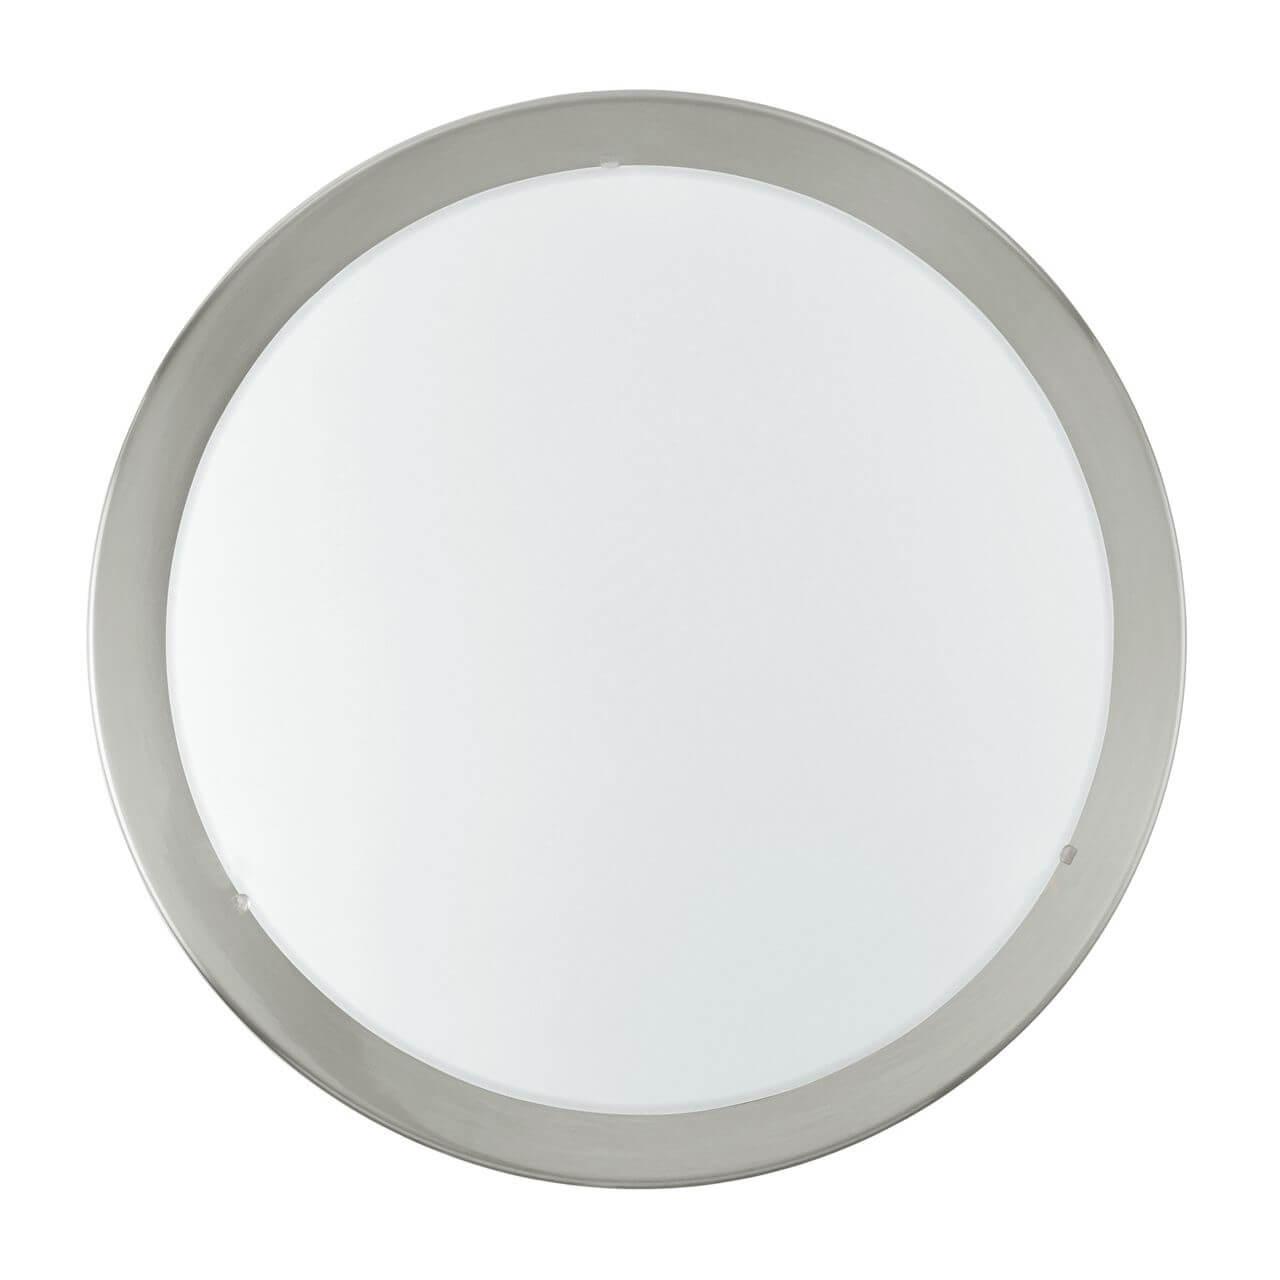 Потолочный светильник Eglo Planet 82941 цены онлайн